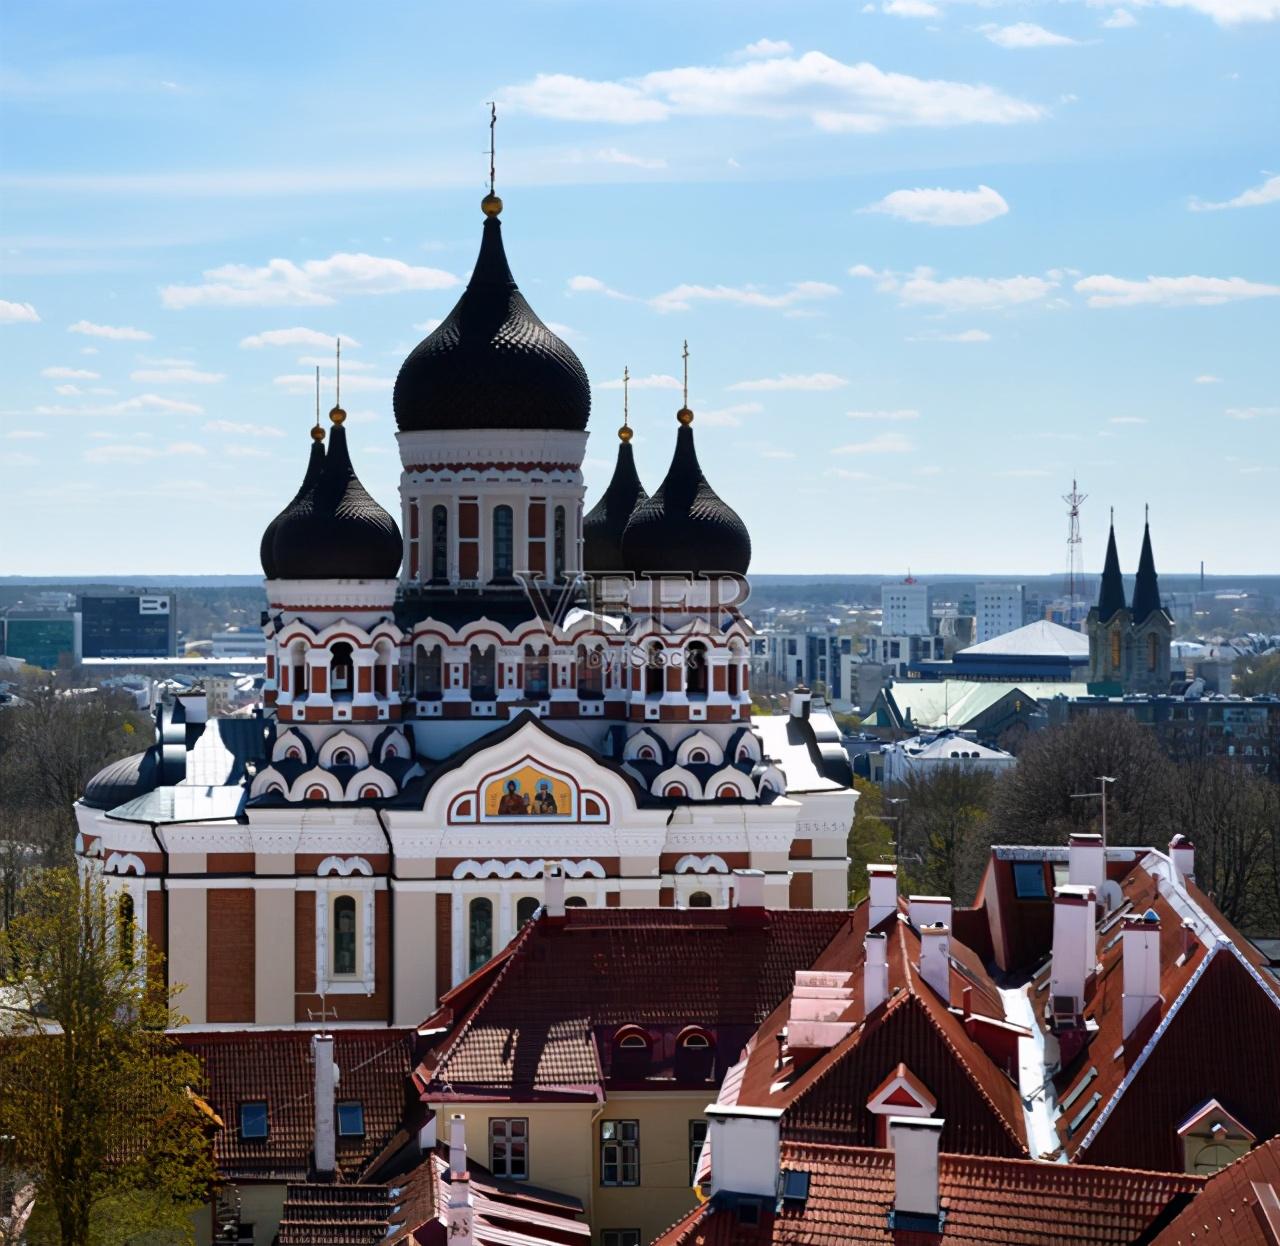 爱沙尼亚是一个怎样的存在?为什么敢跟俄罗斯过不去?